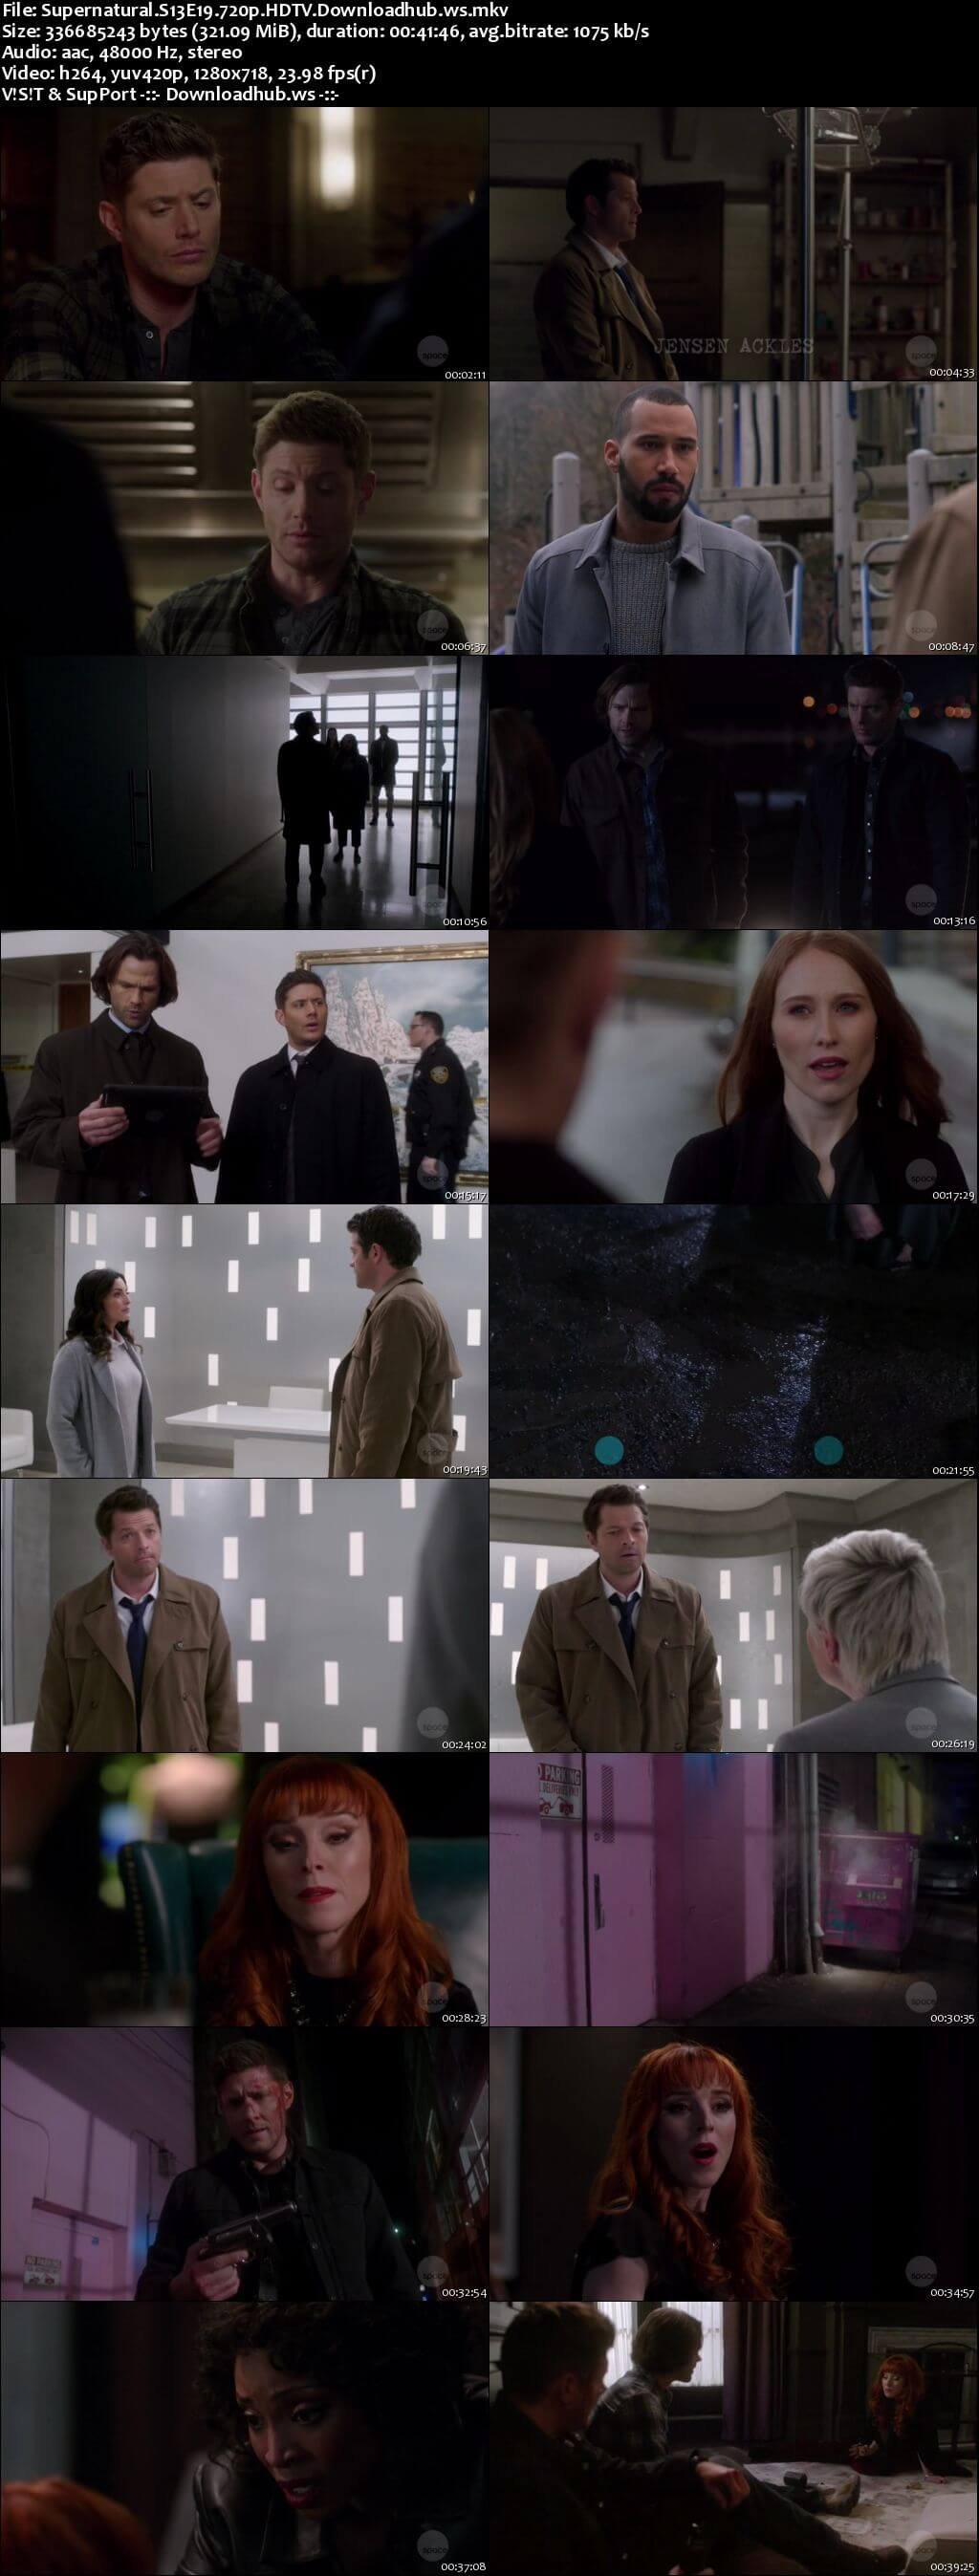 Supernatural S13E19 300MB HDTV 720p x264